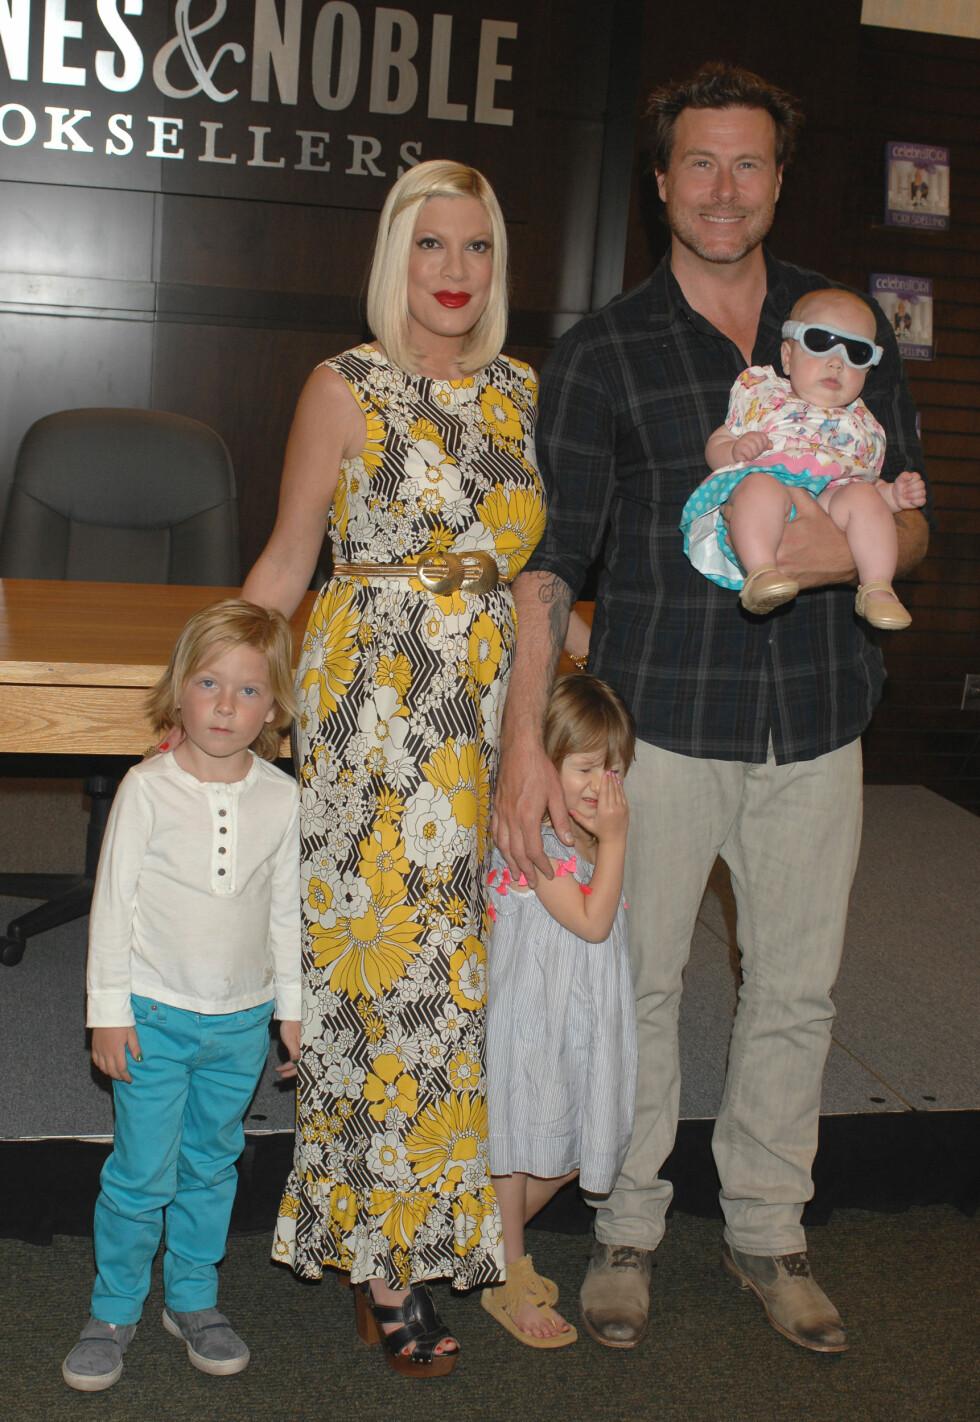 STOR FAMILIE:  Tori Spelling og Dean McDermott med barna (f.v.) Liam, Stella og Hattie. I tillegg har de sønnen Finn. Foto: Stella Pictures